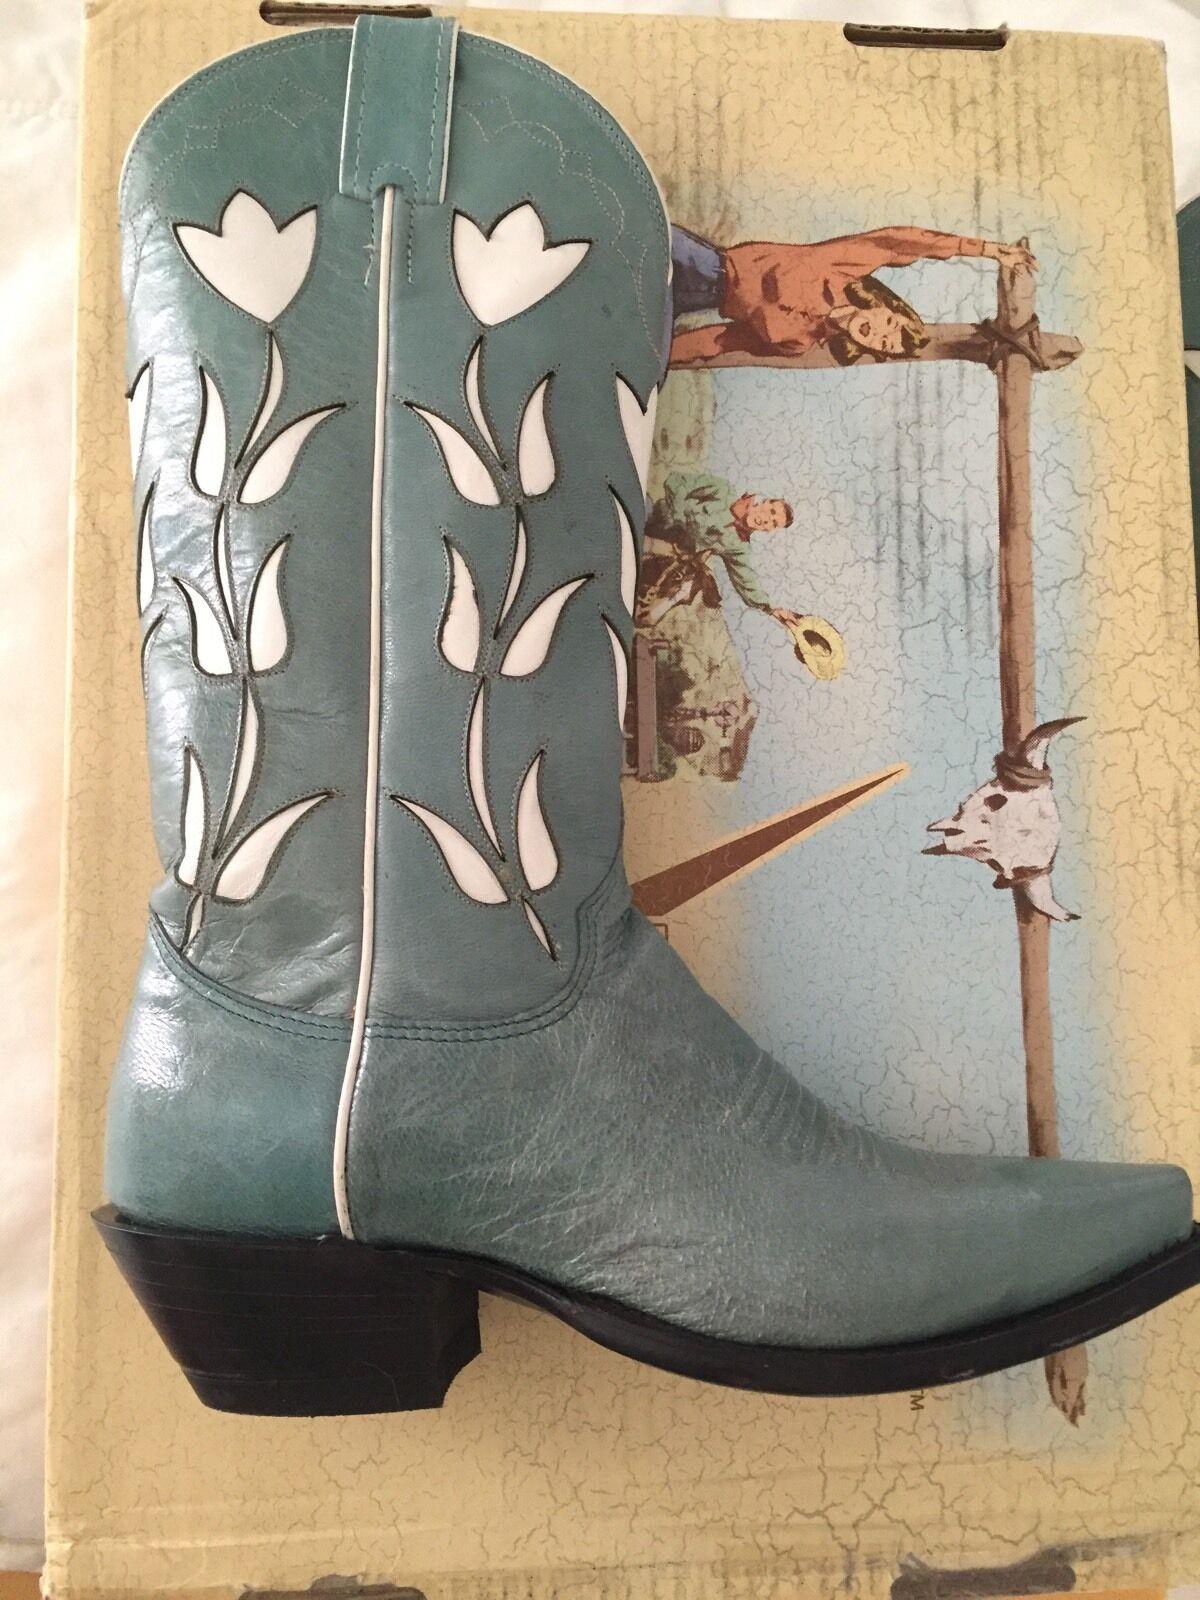 ultimi stili Vintage JUSTIN JUSTIN JUSTIN donna Lily Tulip  COWGIRL stivali 7.5 b NEW  incredibili sconti